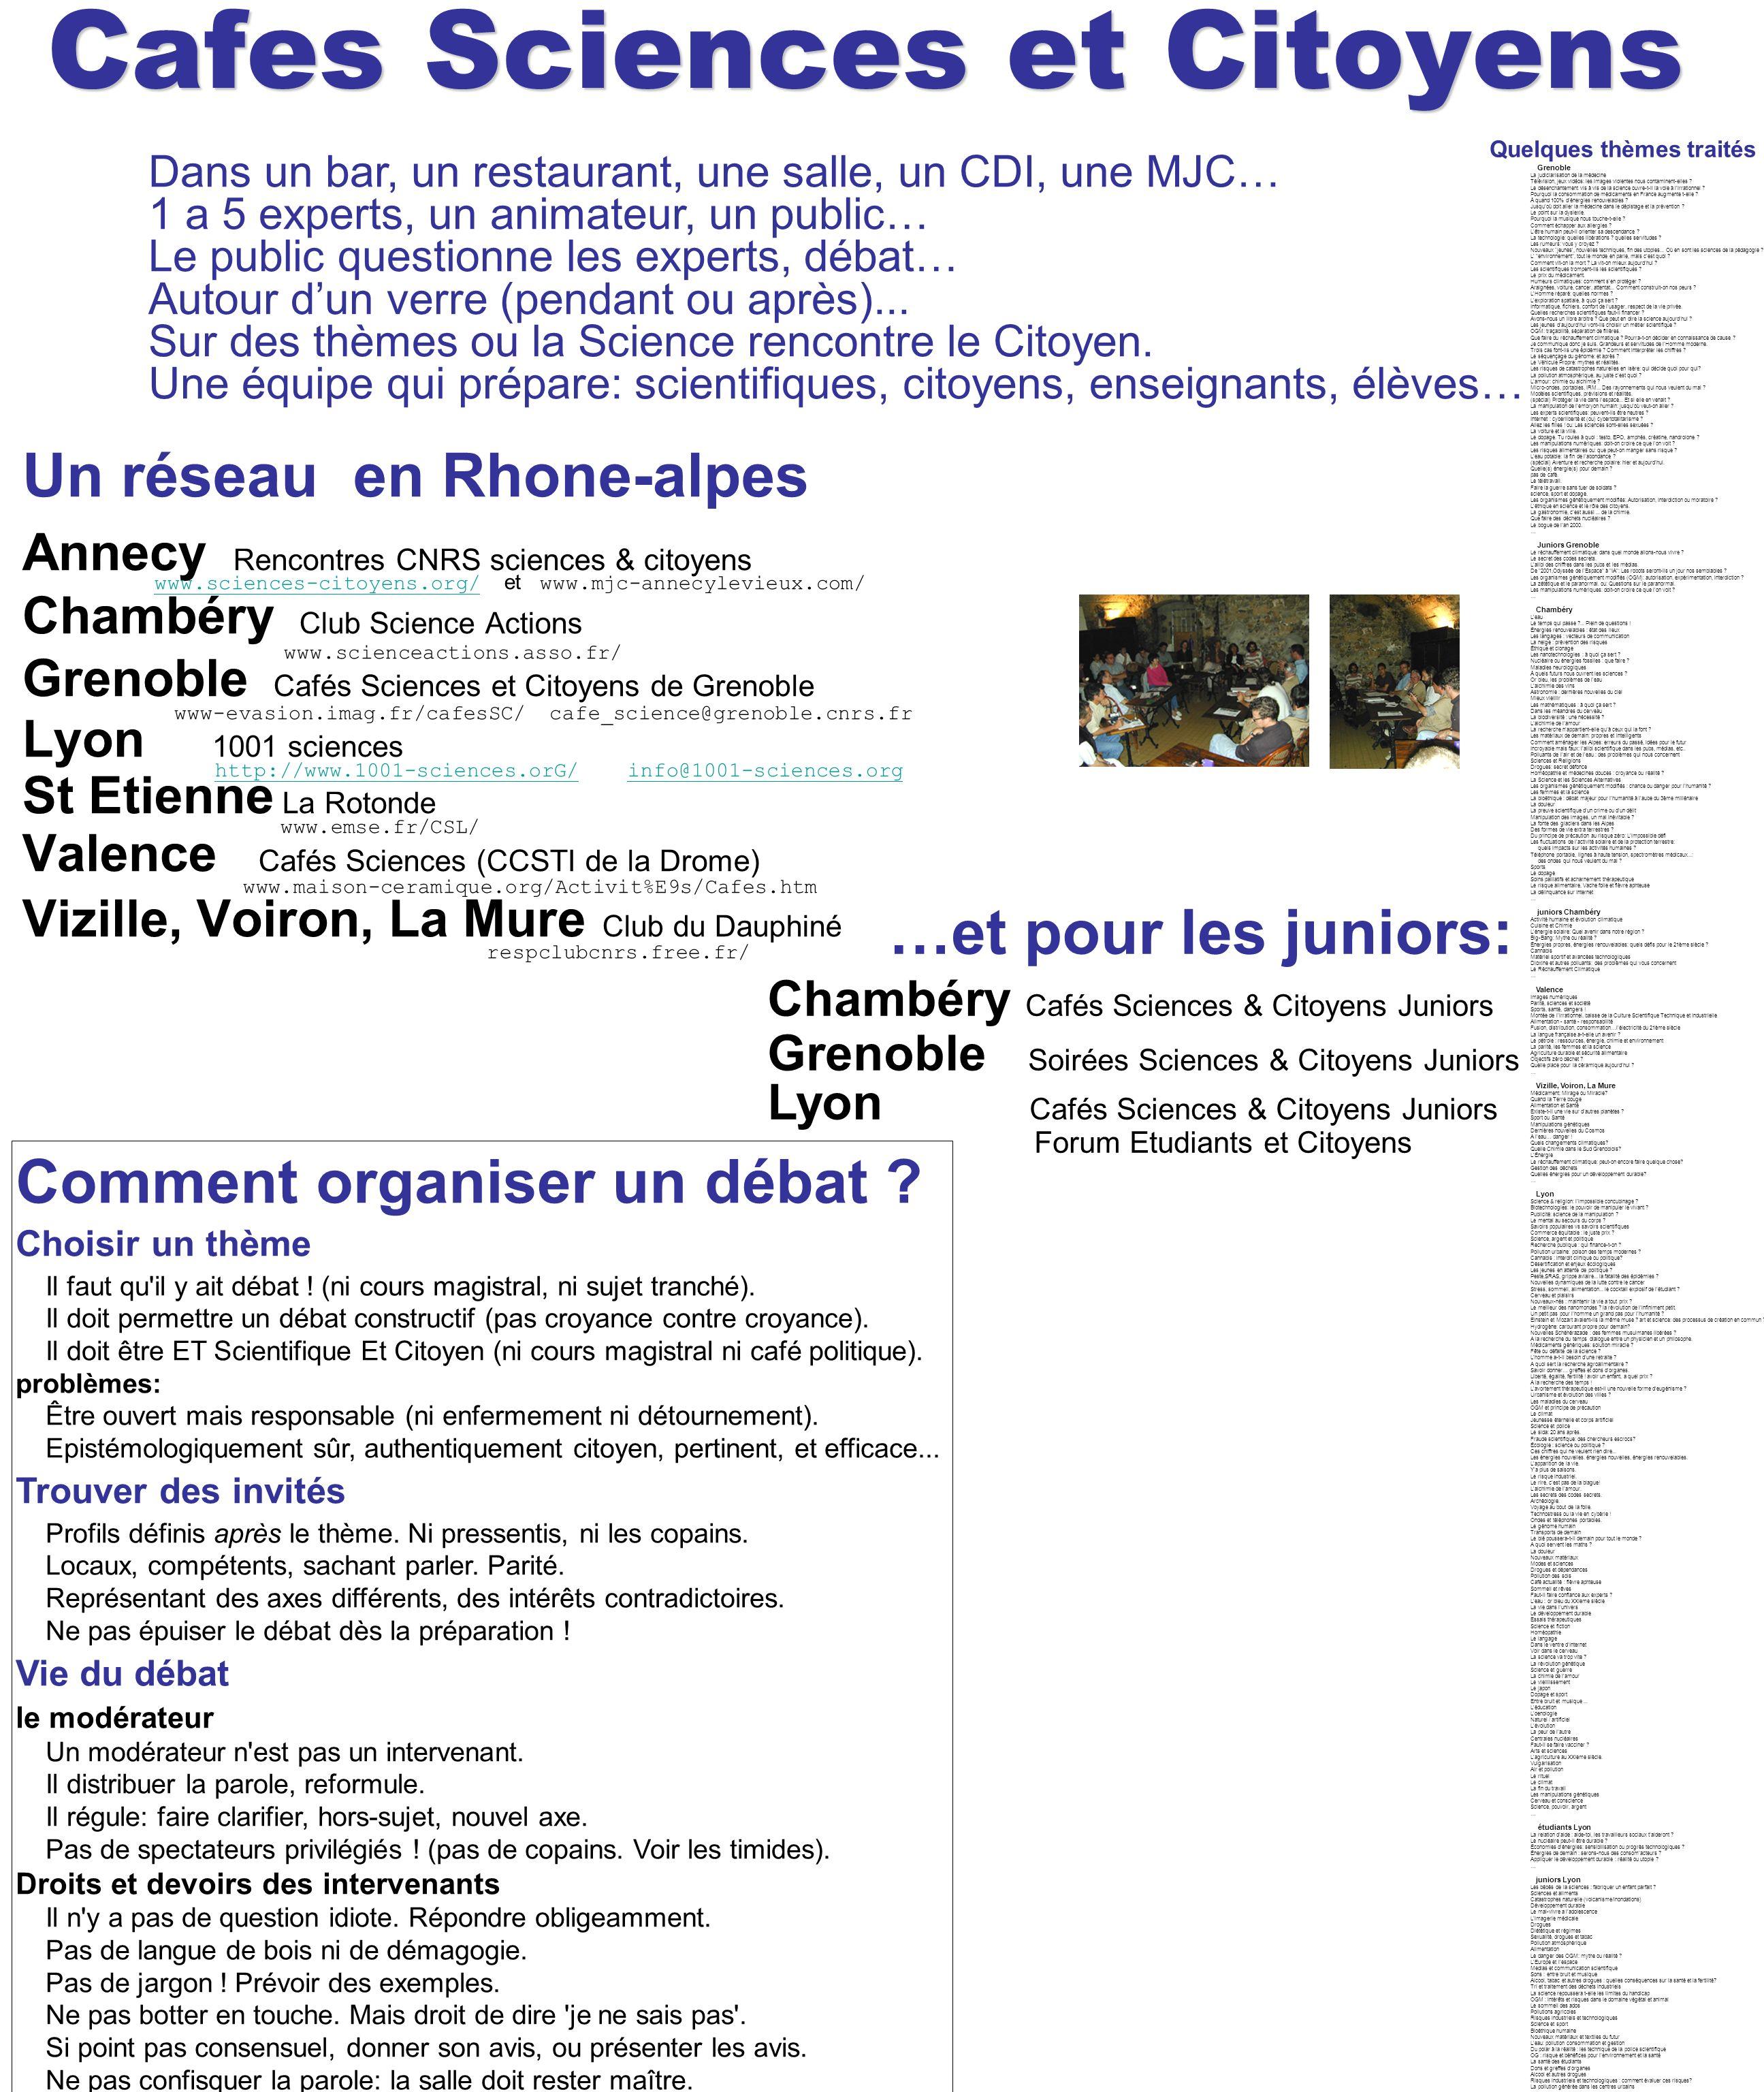 Cafes Sciences et Citoyens Un réseau en Rhone-alpes Annecy Rencontres CNRS sciences & citoyens www.sciences-citoyens.org/ et www.mjc-annecylevieux.com/ www.sciences-citoyens.org/ Chambéry Club Science Actions www.scienceactions.asso.fr/ Grenoble Cafés Sciences et Citoyens de Grenoble www-evasion.imag.fr/cafesSC/ cafe_science@grenoble.cnrs.fr Lyon 1001 sciences http://www.1001-sciences.orG/ info@1001-sciences.org http://www.1001-sciences.orG/info@1001-sciences.org St Etienne La Rotonde www.emse.fr/CSL/ Valence Cafés Sciences (CCSTI de la Drome) www.maison-ceramique.org/Activit%E9s/Cafes.htm Vizille, Voiron, La Mure Club du Dauphiné respclubcnrs.free.fr/ …et pour les juniors: Chambéry Cafés Sciences & Citoyens Juniors Grenoble Soirées Sciences & Citoyens Juniors Lyon Cafés Sciences & Citoyens Juniors Forum Etudiants et Citoyens Grenoble La judiciarisation de la médecine Télévision, jeux vidéos: les images violentes nous contaminent-elles .